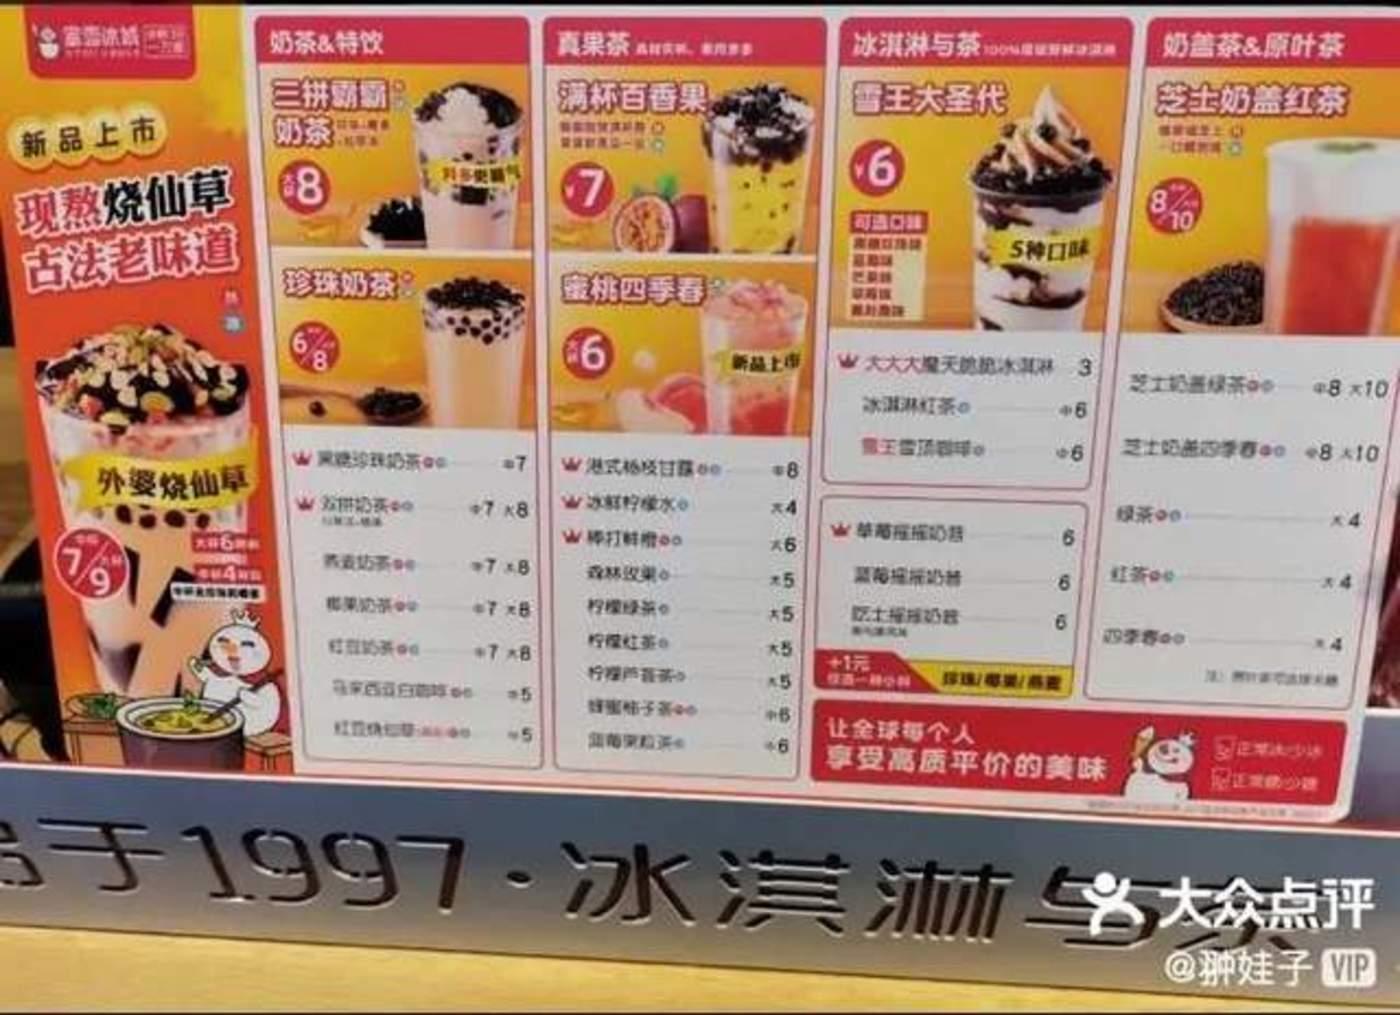 全部定价不超过10元 图源 / 北京大众点评